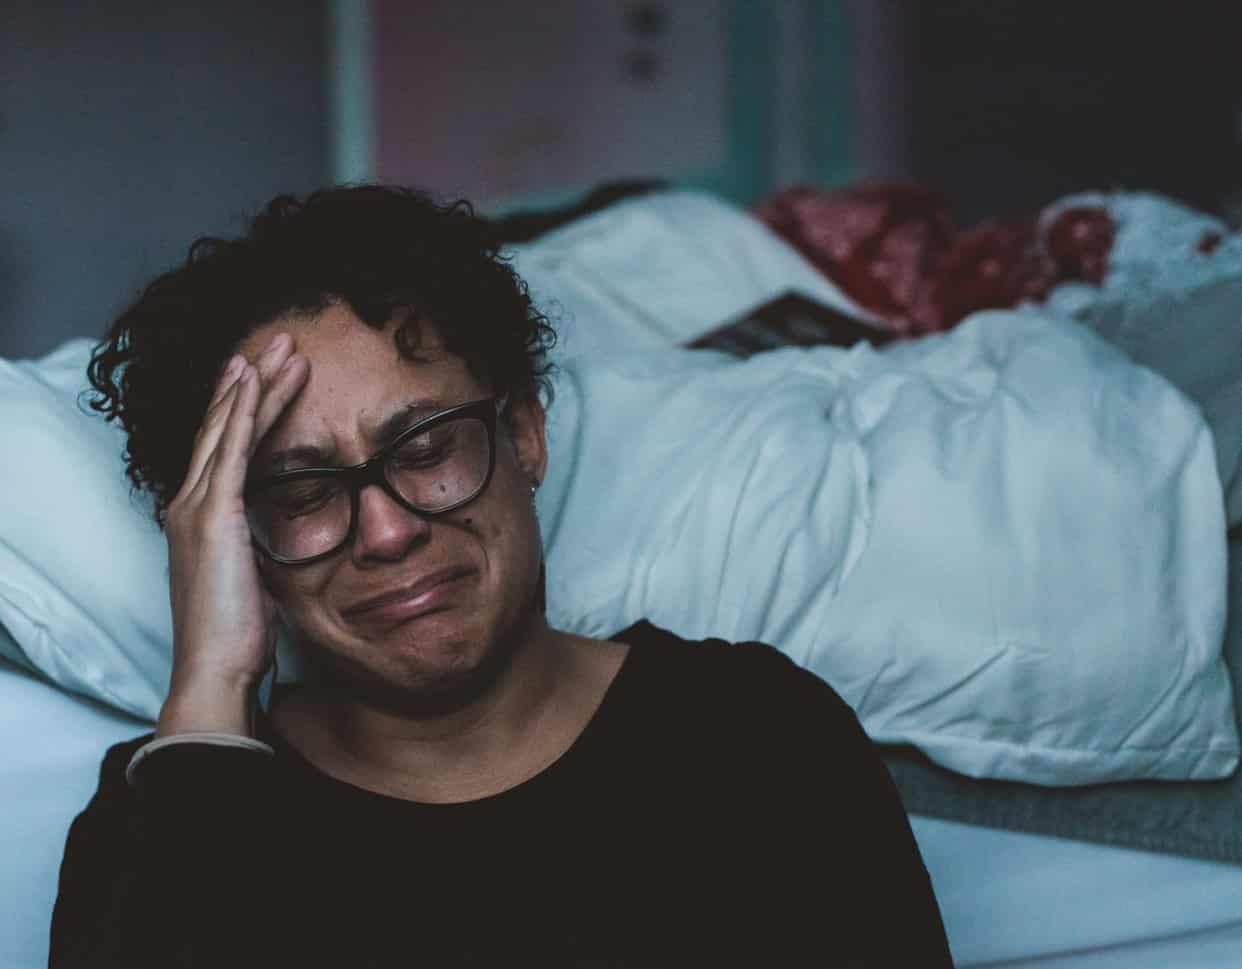 GESTIONE DELLE EMOZIONI: LA TRISTEZZA